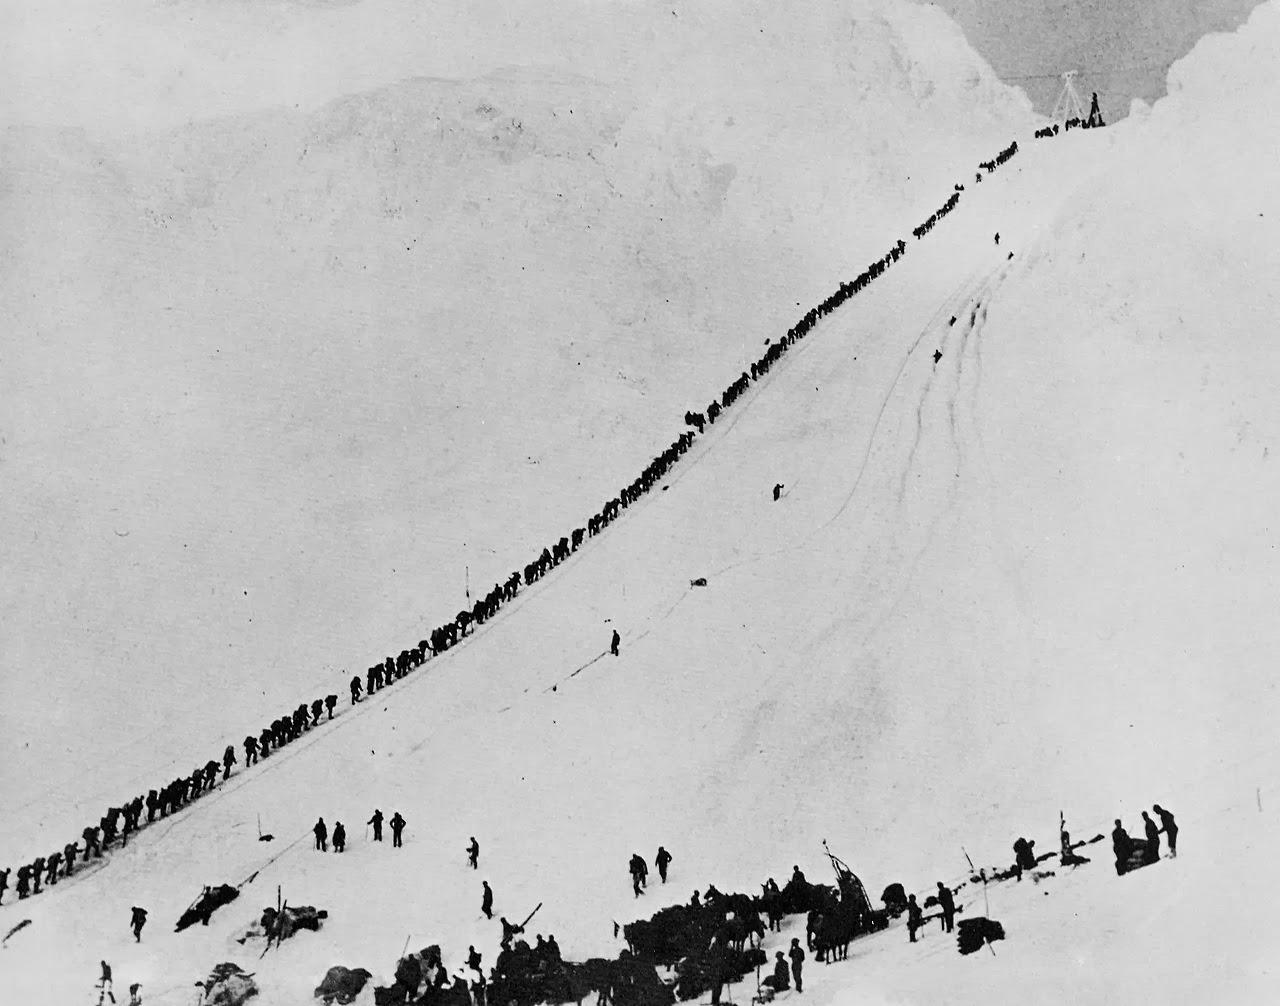 1898. Aranyasok menetelese a Chilkoot-hagonal. A hagon vezetett az egyetlen jarhato ut Dawson Citybe.